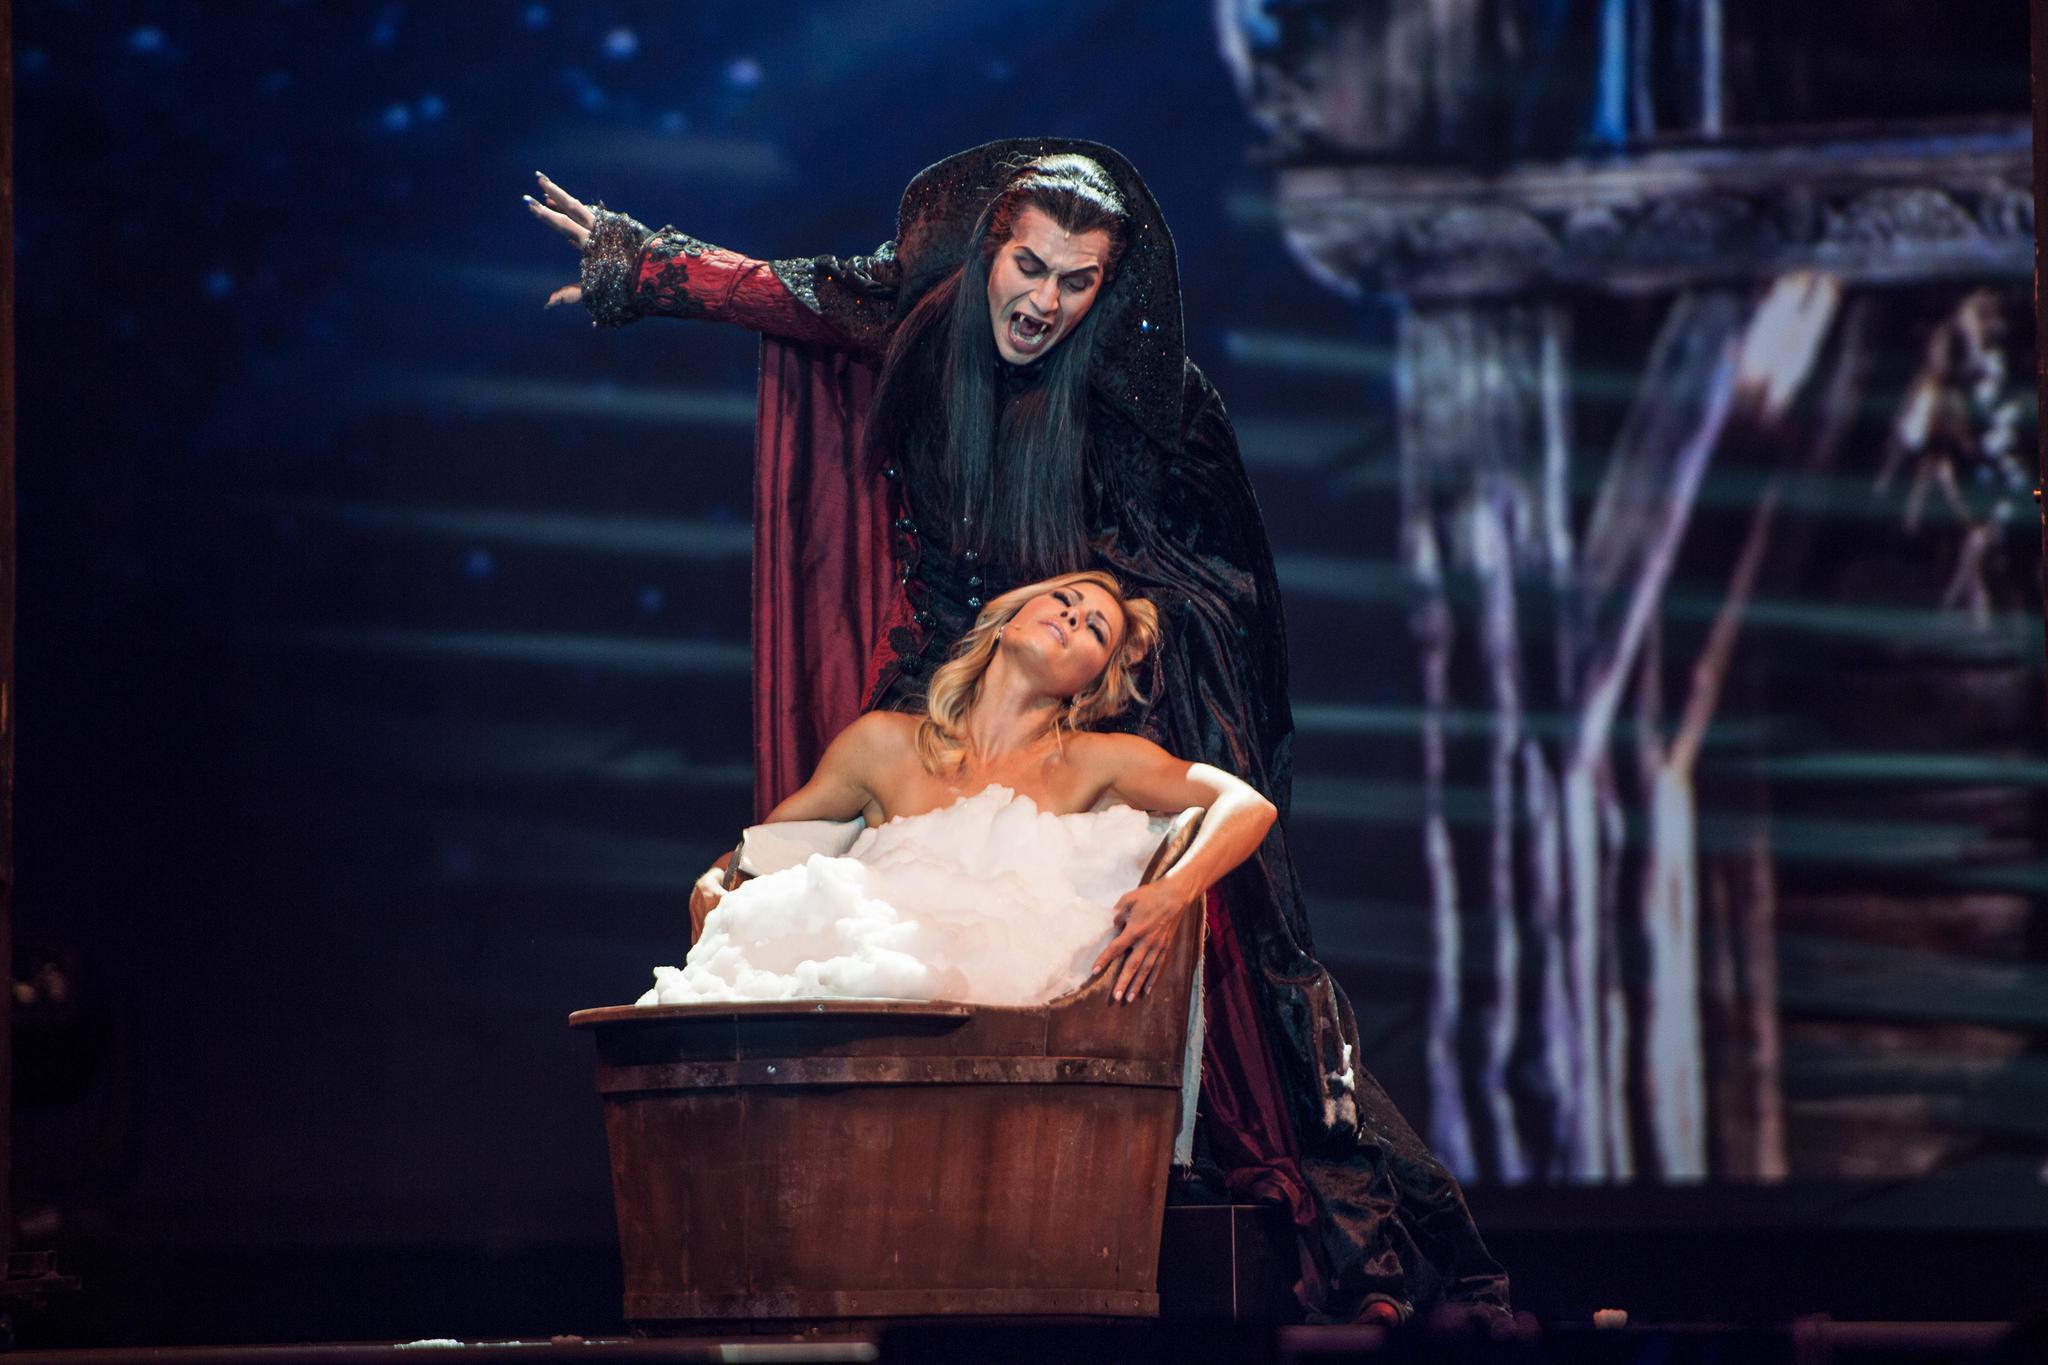 """Bei der """"Helene Fischer Show"""" performt die Schlagersängerin mit Graf von Krolock aus Tanz der Vampiere. Dabei sitzt sie oberkörperfrei im Schaumbad."""